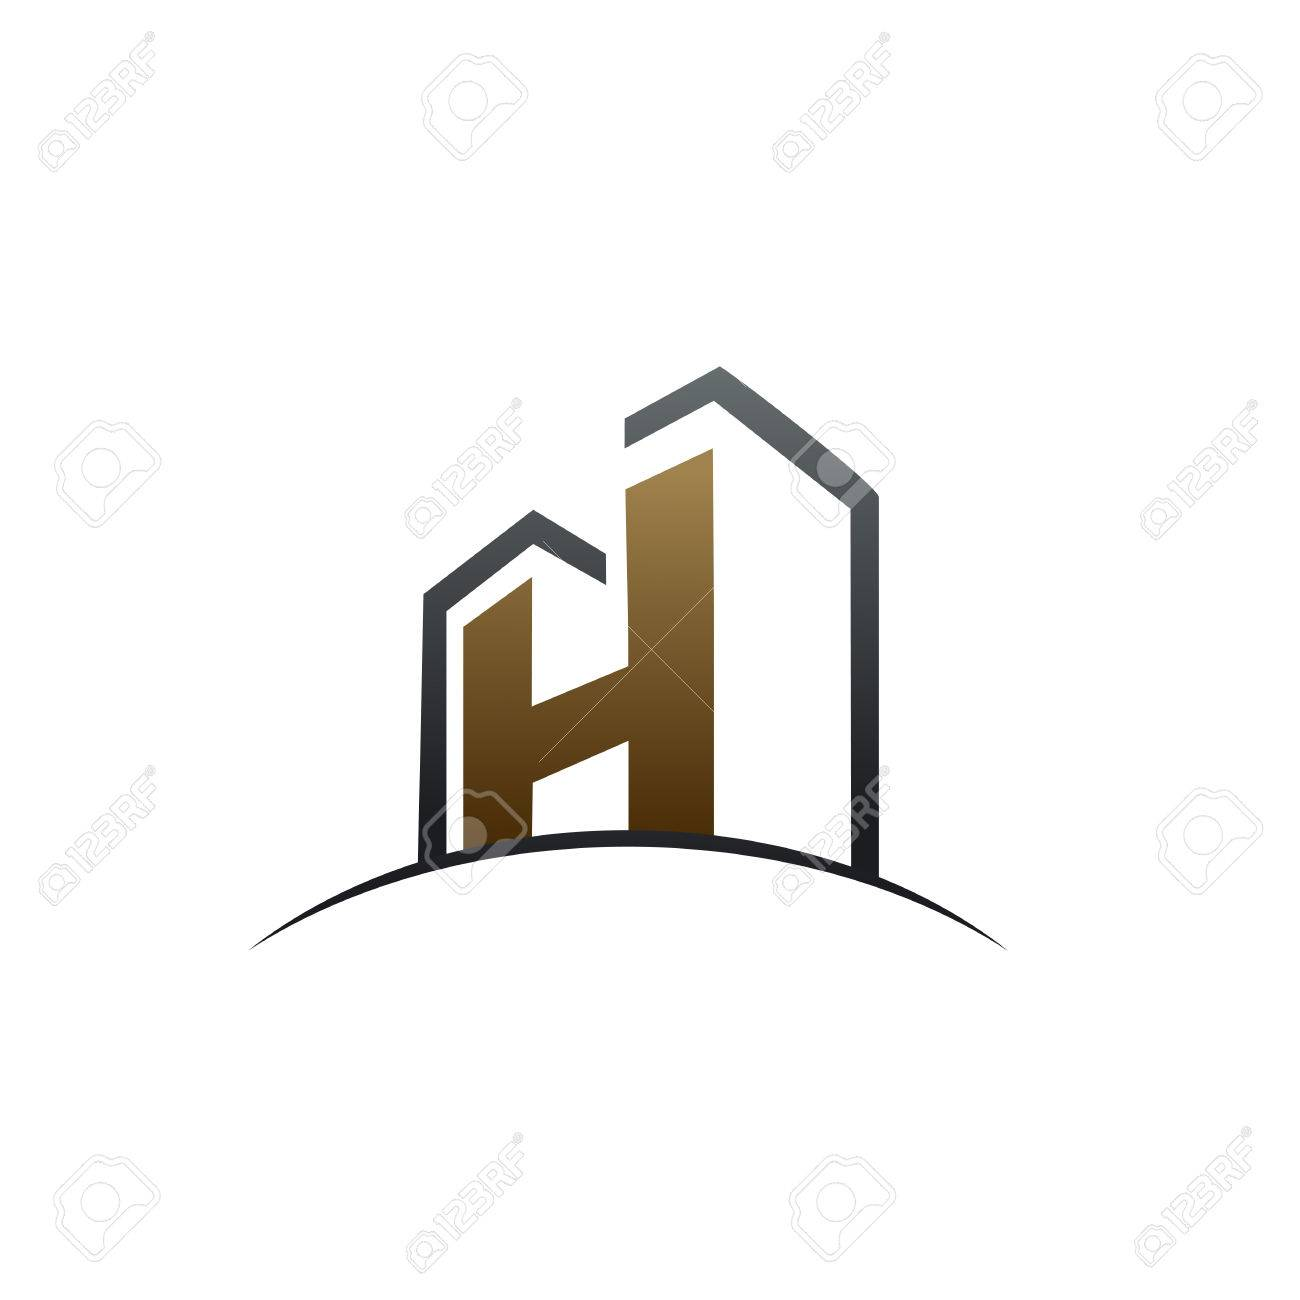 Letter h construction logo design concept template royalty free letter h construction logo design concept template stock vector 83305294 pronofoot35fo Gallery